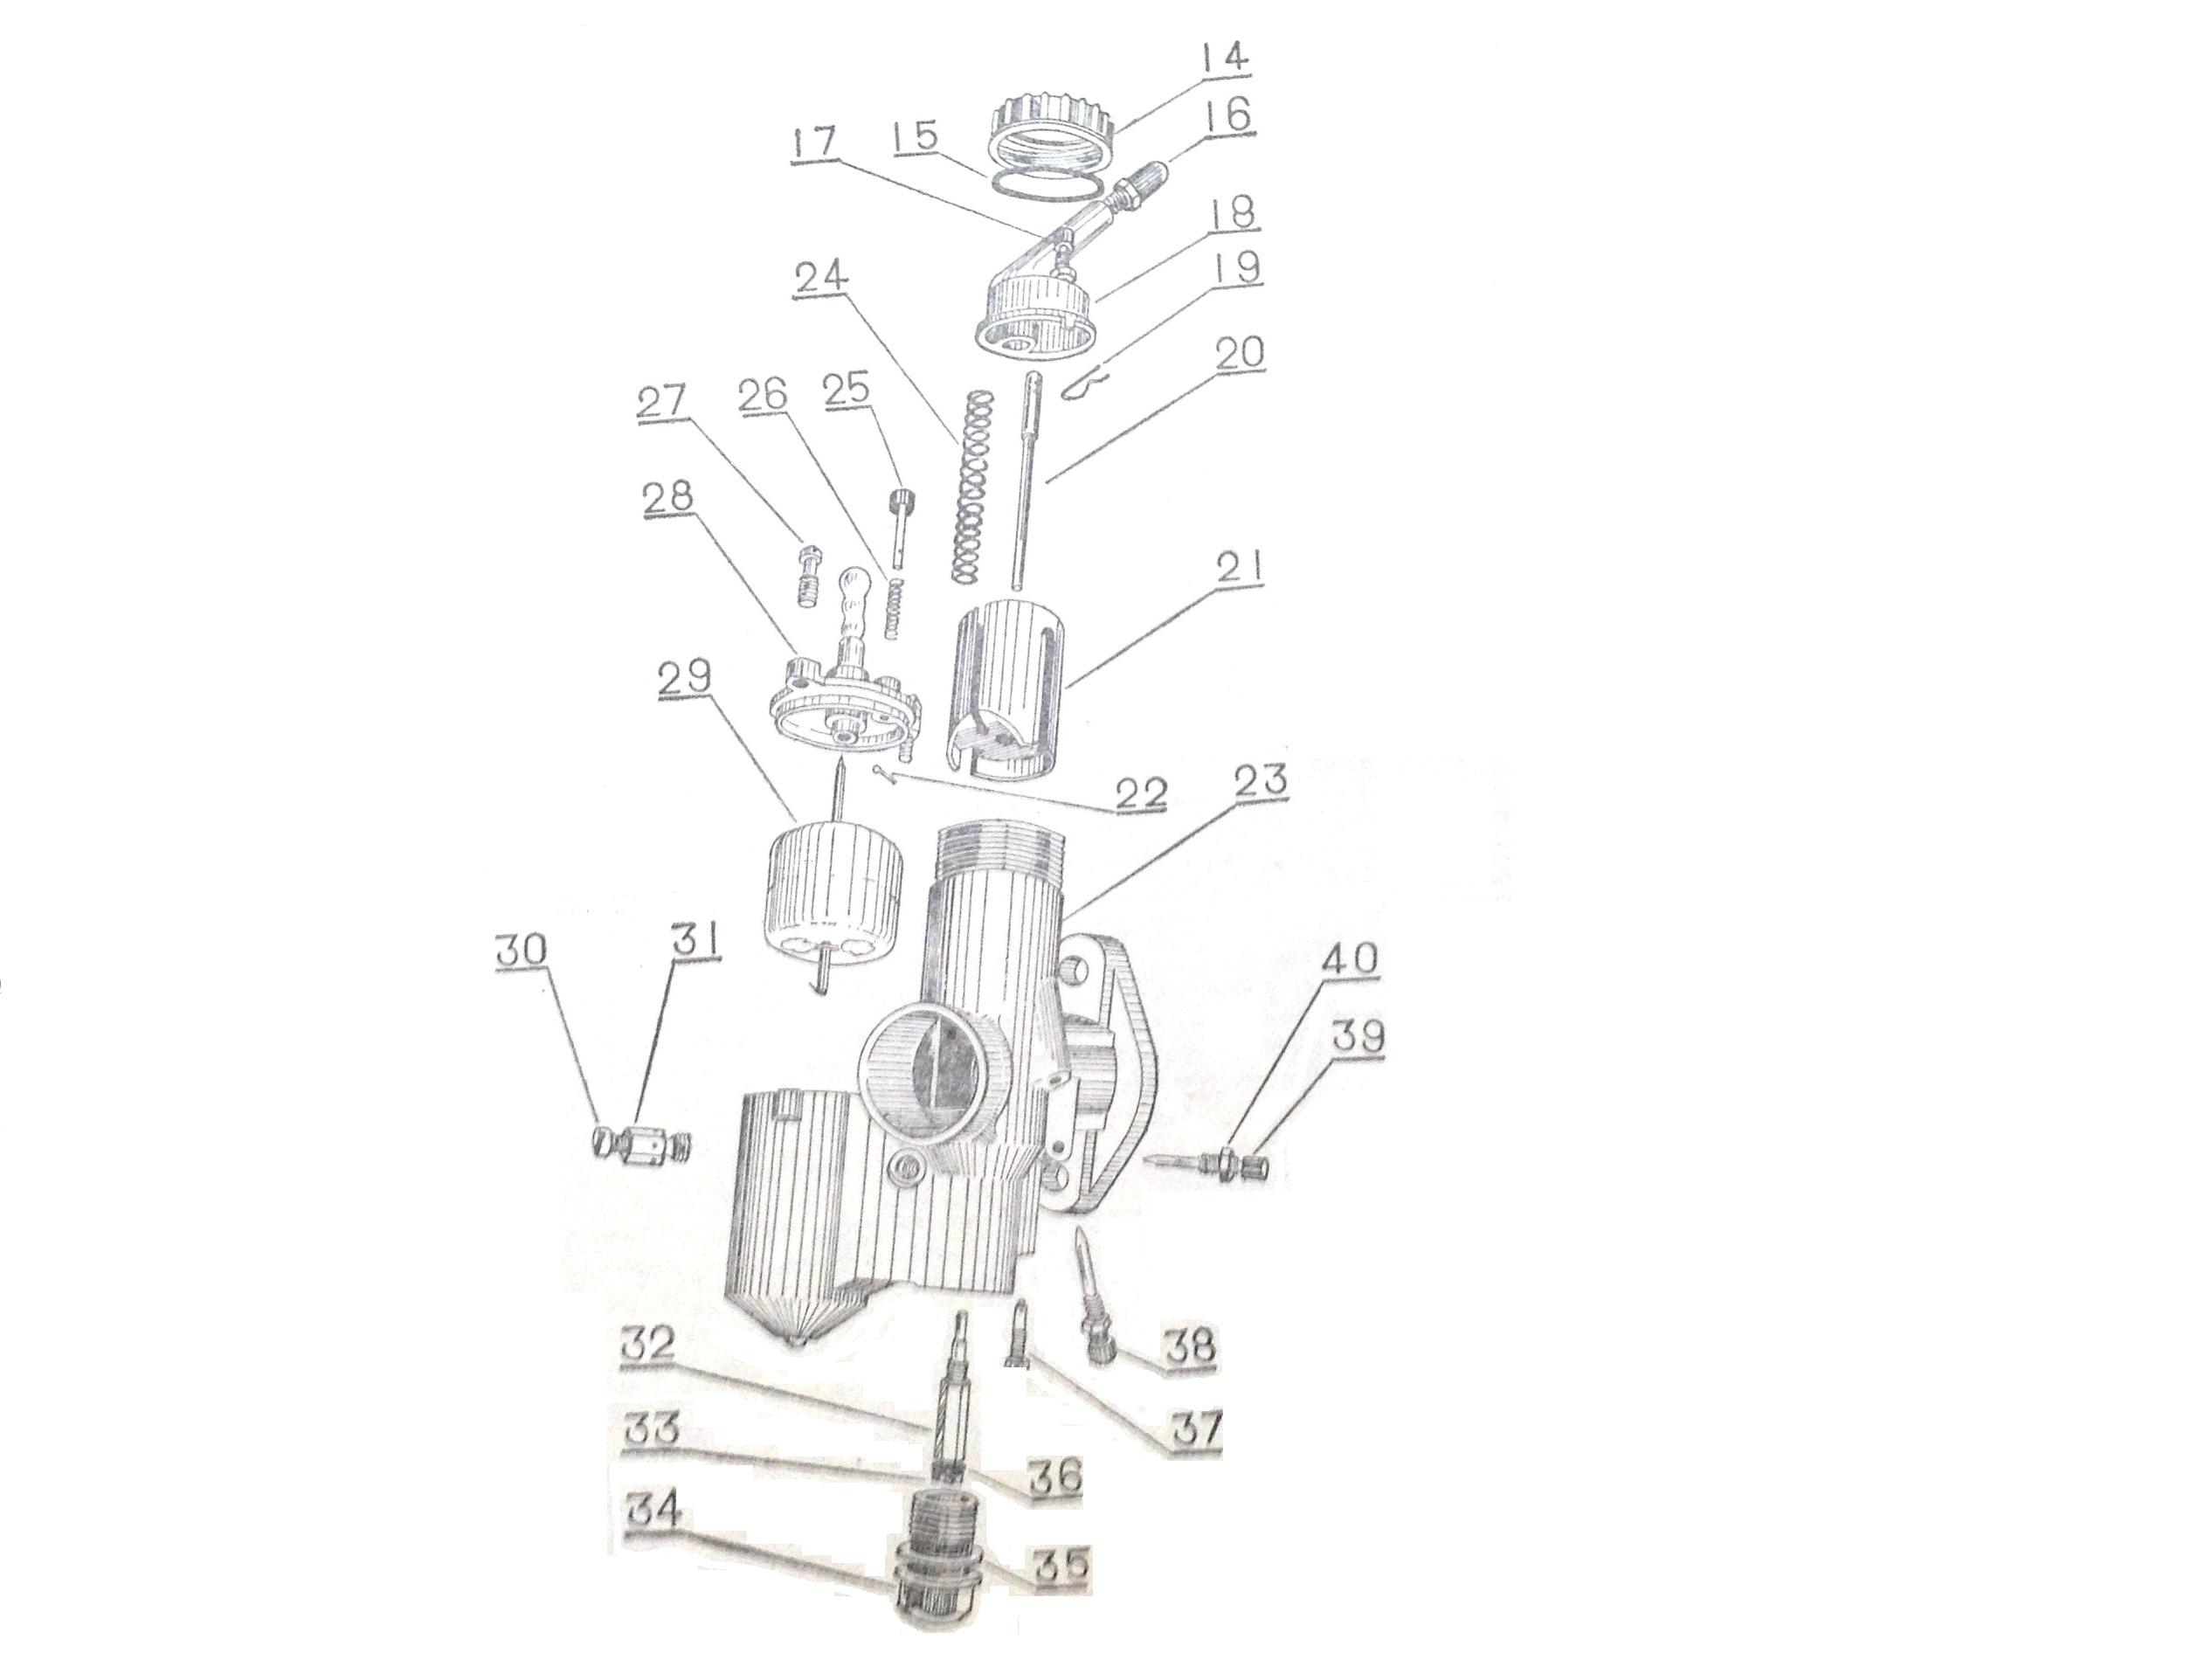 Cj750 Parts Chang Jiang750 Pz 28 Carburetor Repair Kit